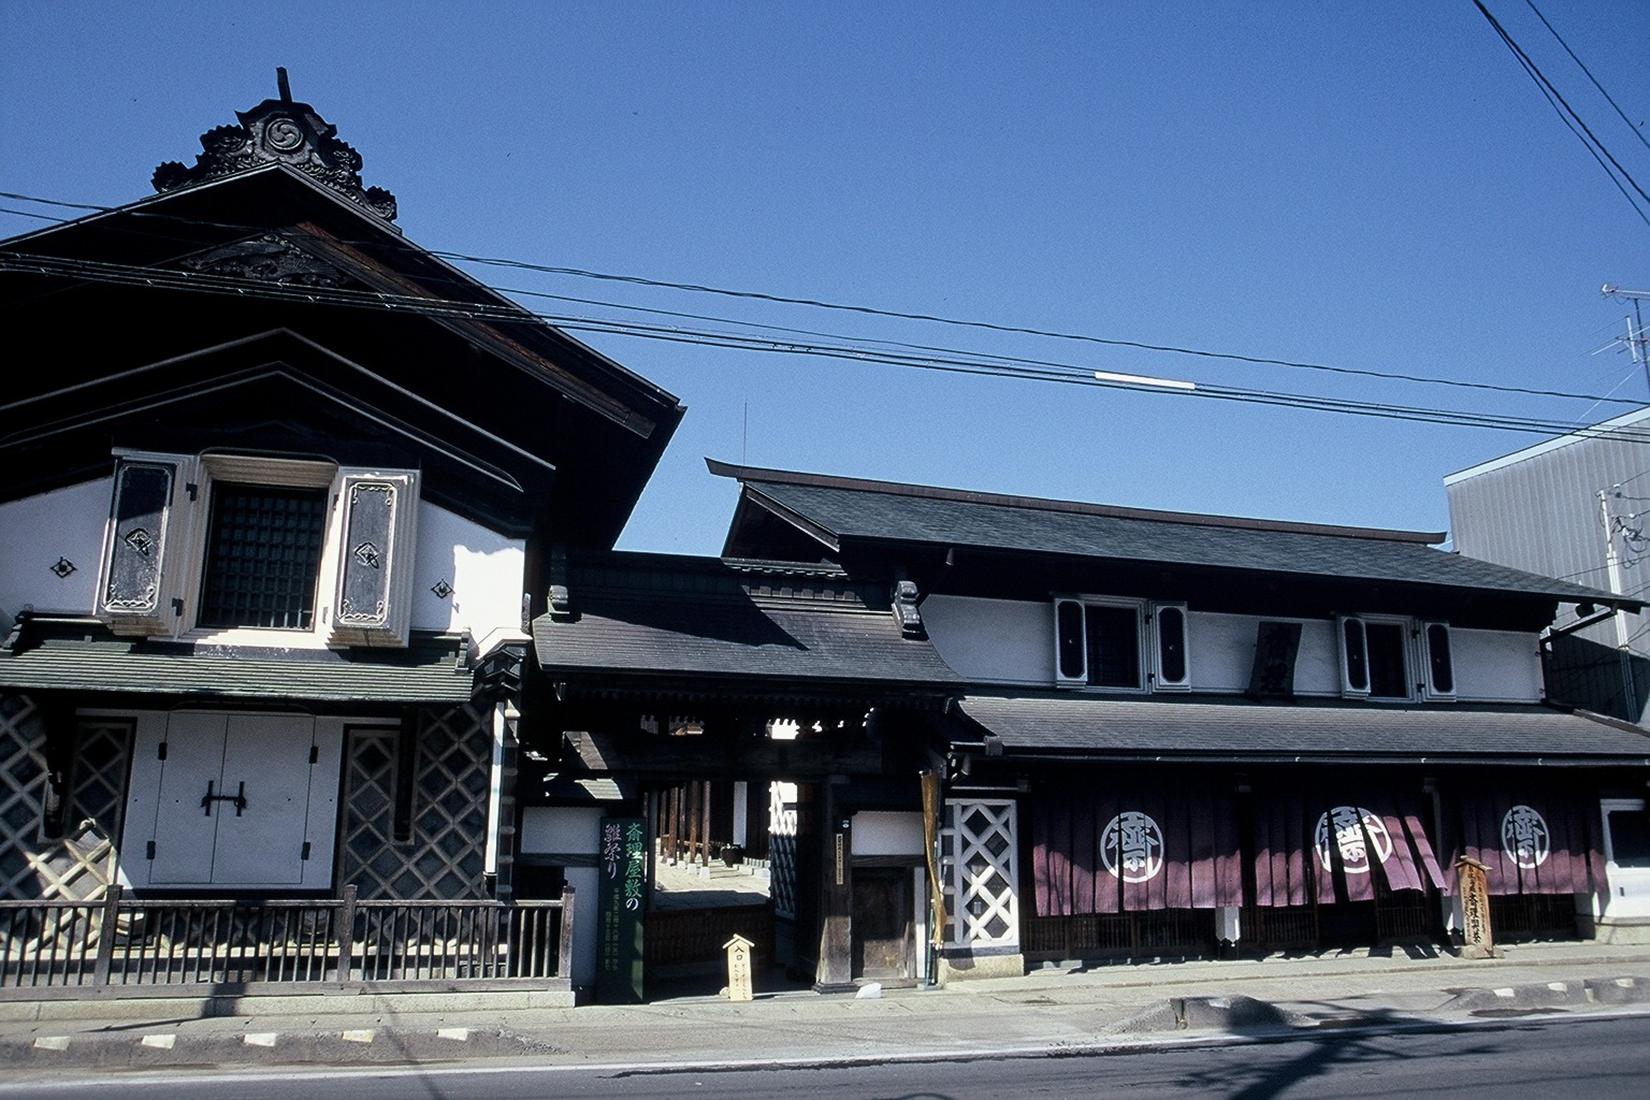 โซวโนะ เคียวโดคัง ไซริ ยาชิคิ (มารุโมริ)